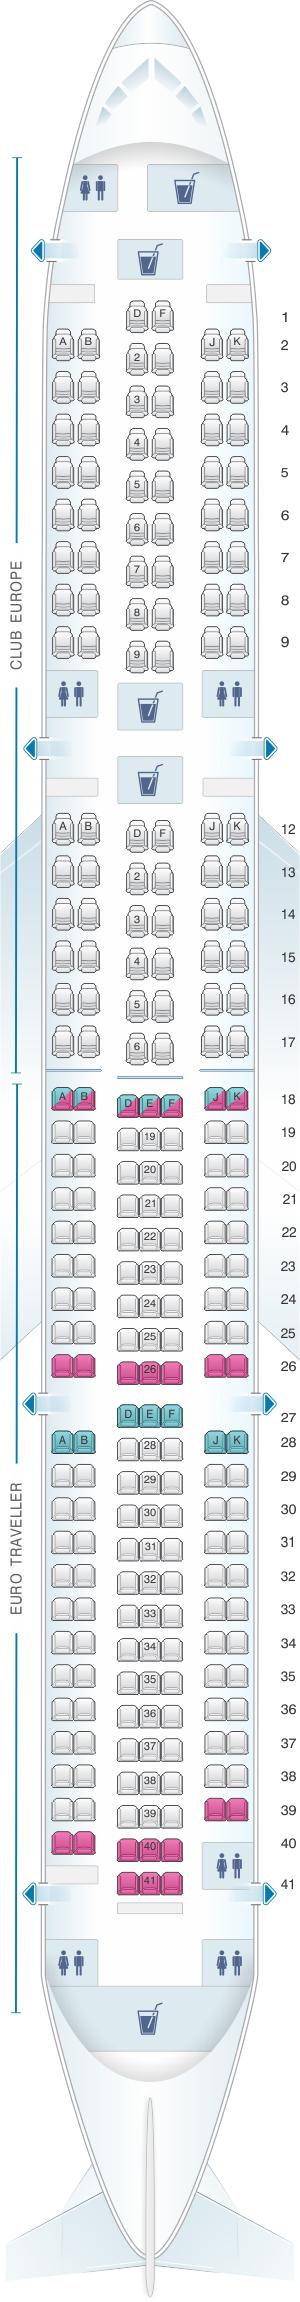 Seat map for British Airways Boeing B767 European Layout